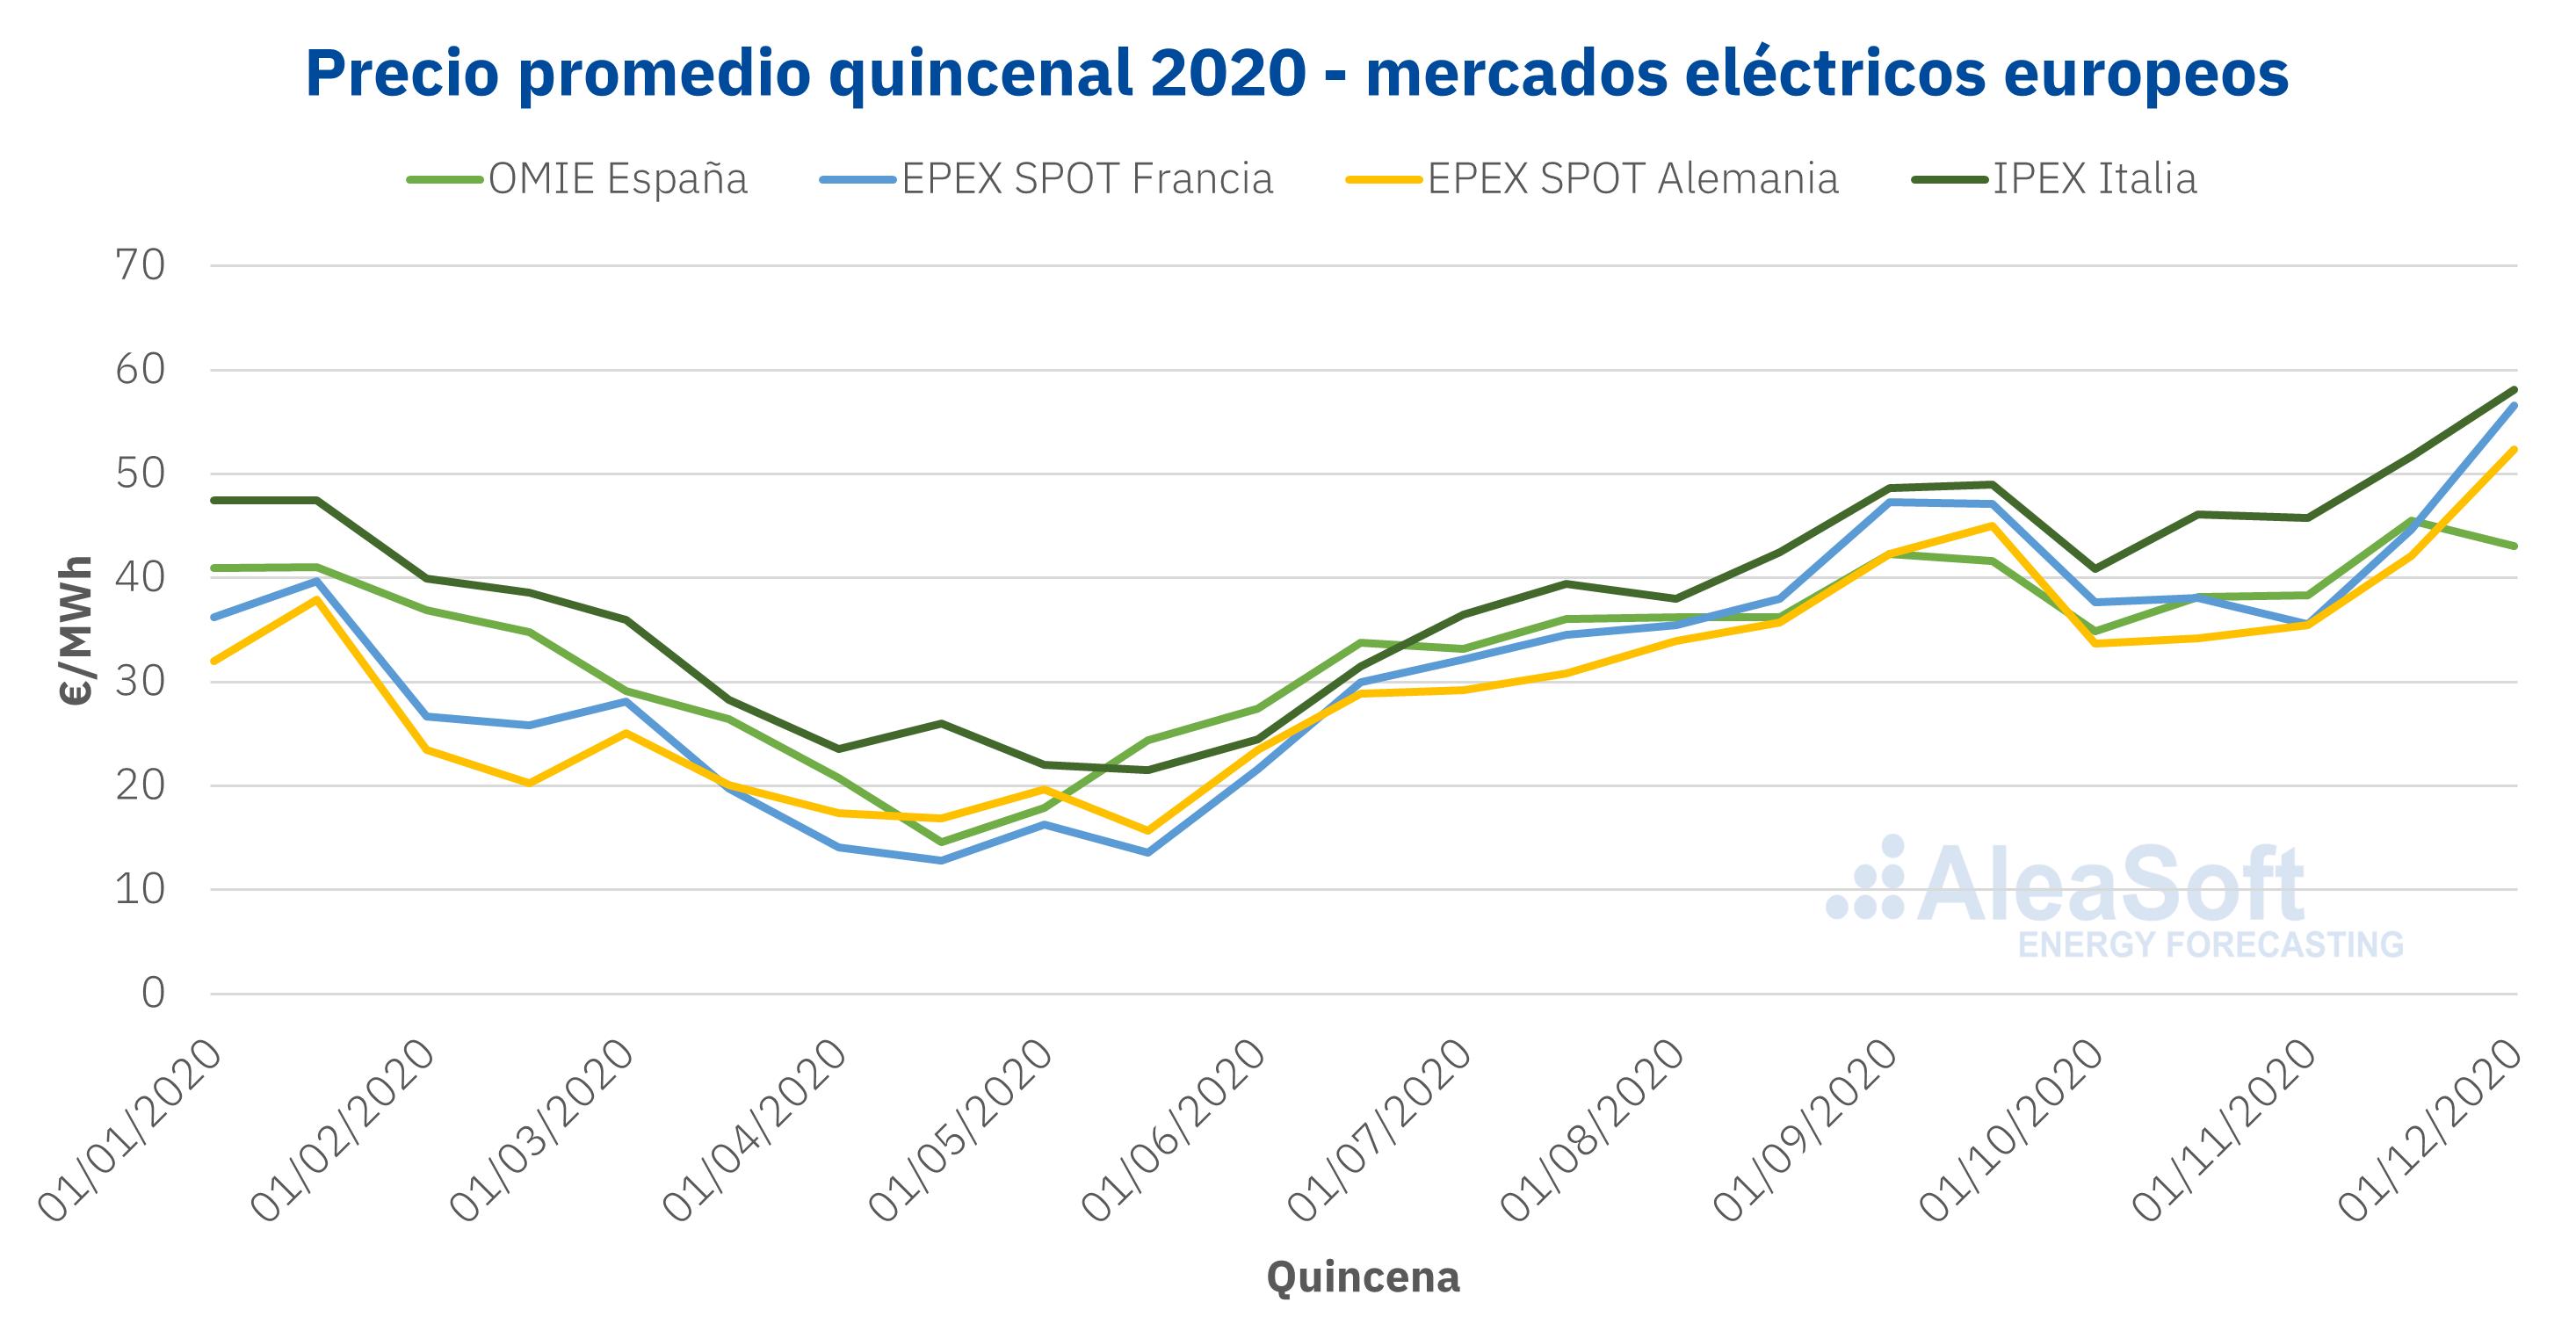 AleaSoft - Precios mercados electricidad Europa 2020